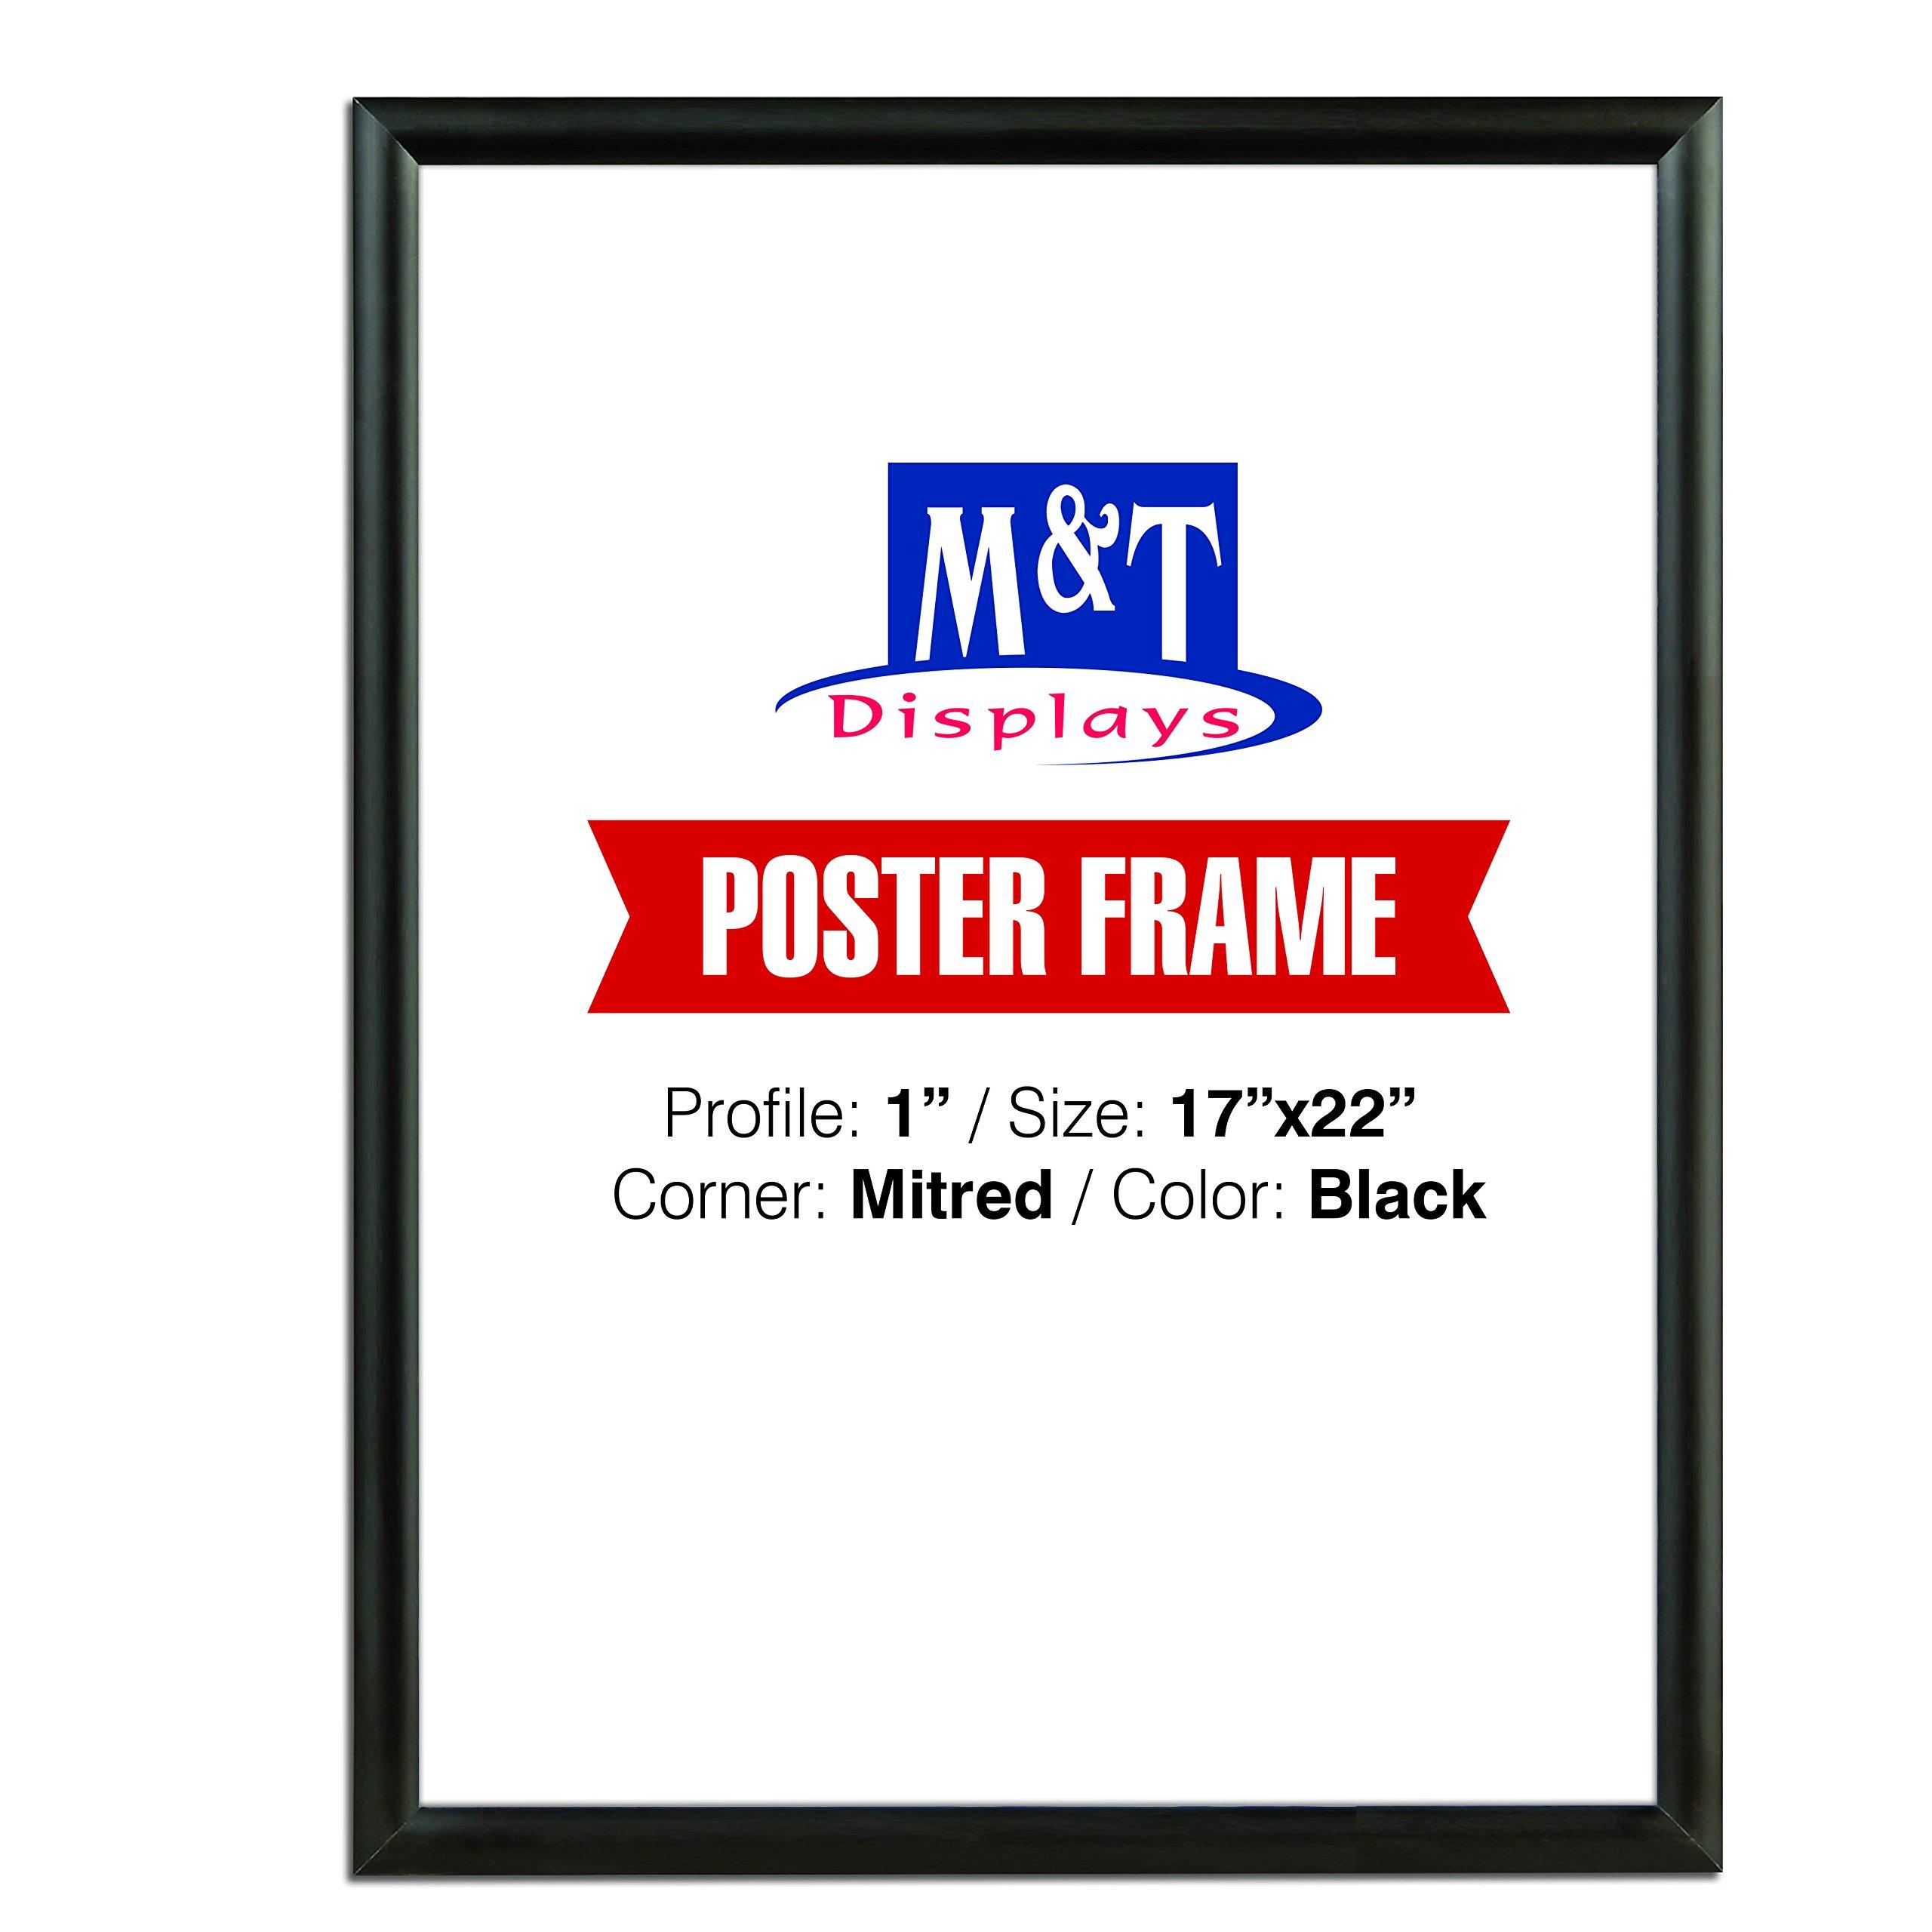 M&T Displays Snap Poster Frame, Poster Size: 17x22 Black Color, 1'' Mitred Corner, Front Loading